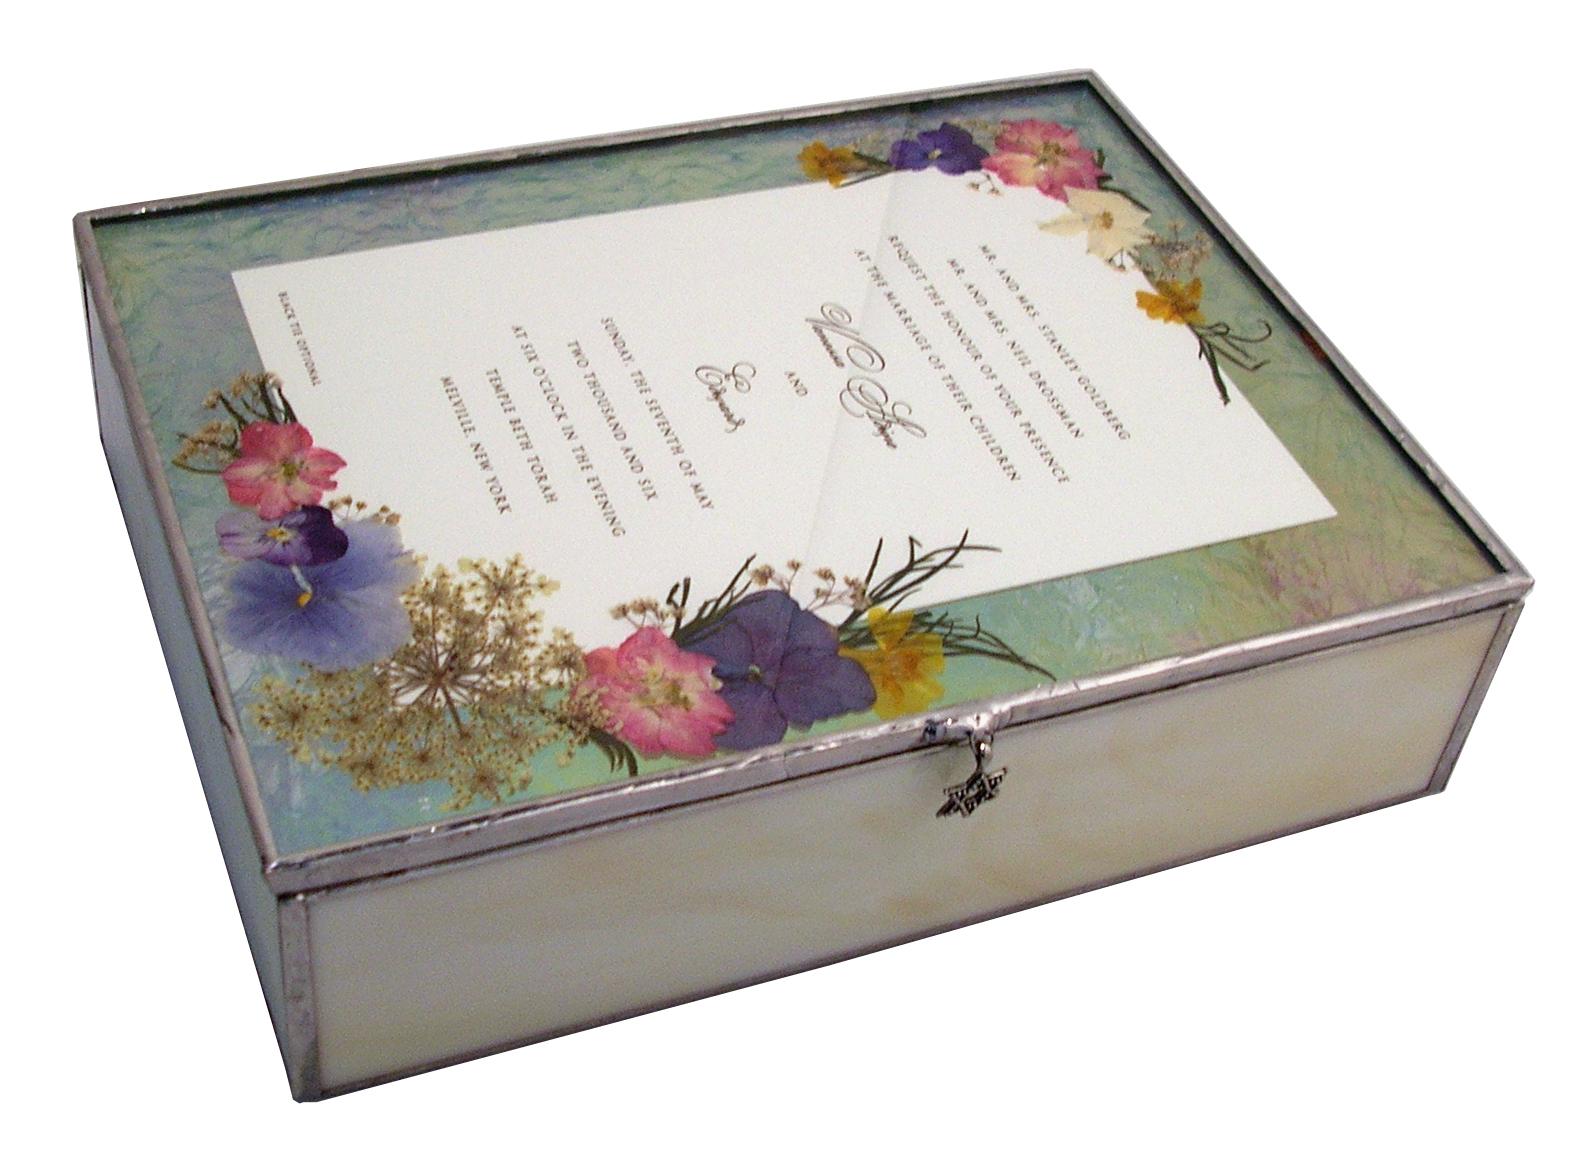 Pressed Flowers On Wedding Invitation Box